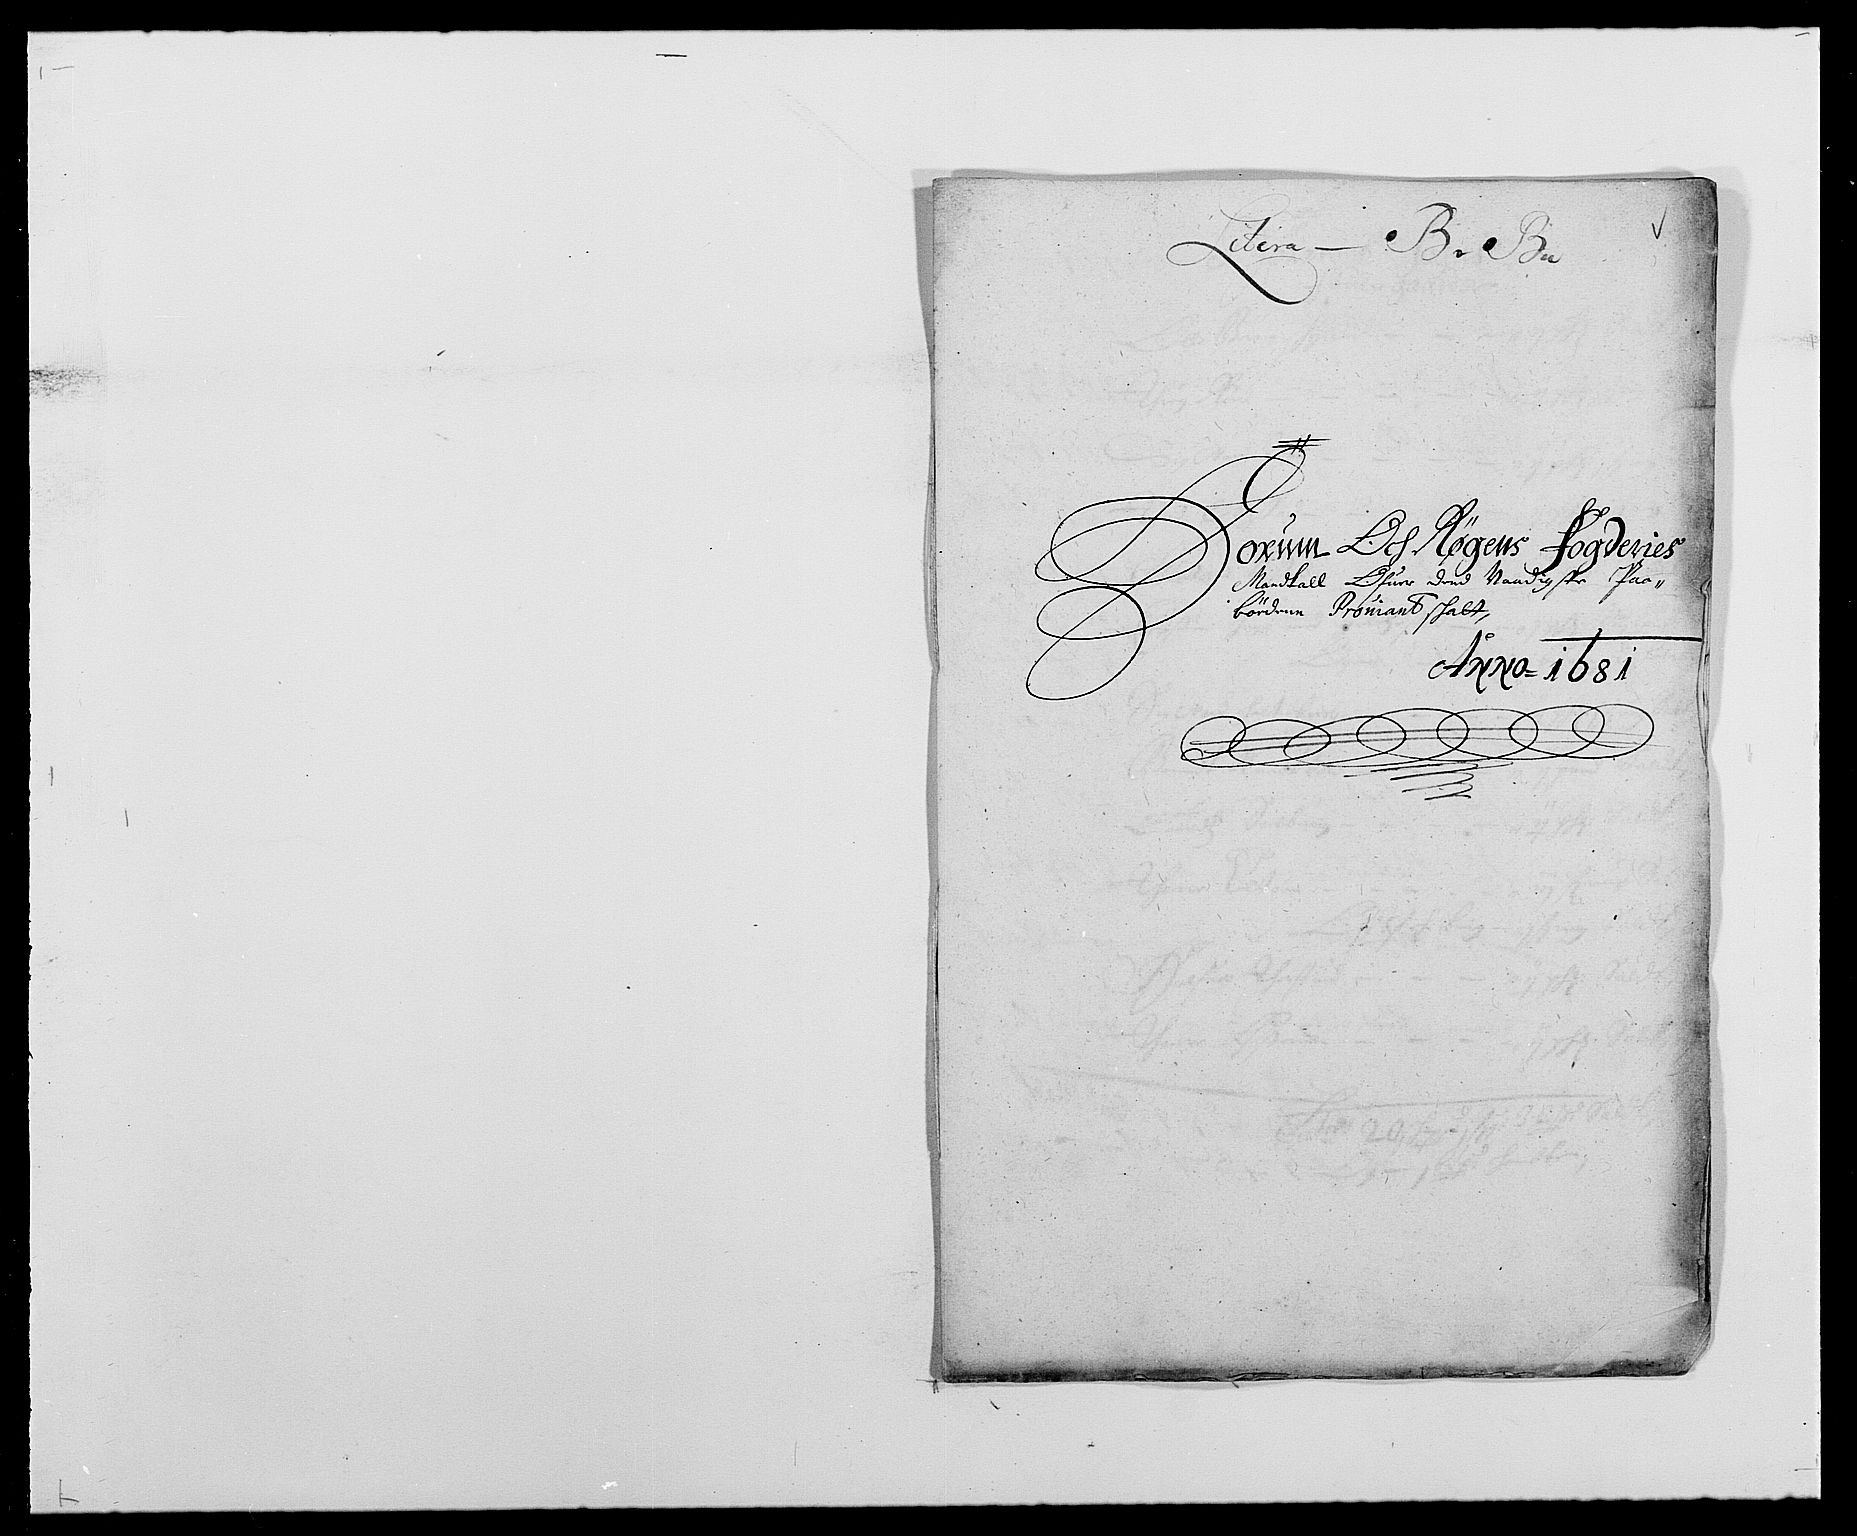 RA, Rentekammeret inntil 1814, Reviderte regnskaper, Fogderegnskap, R29/L1691: Fogderegnskap Hurum og Røyken, 1678-1681, s. 381